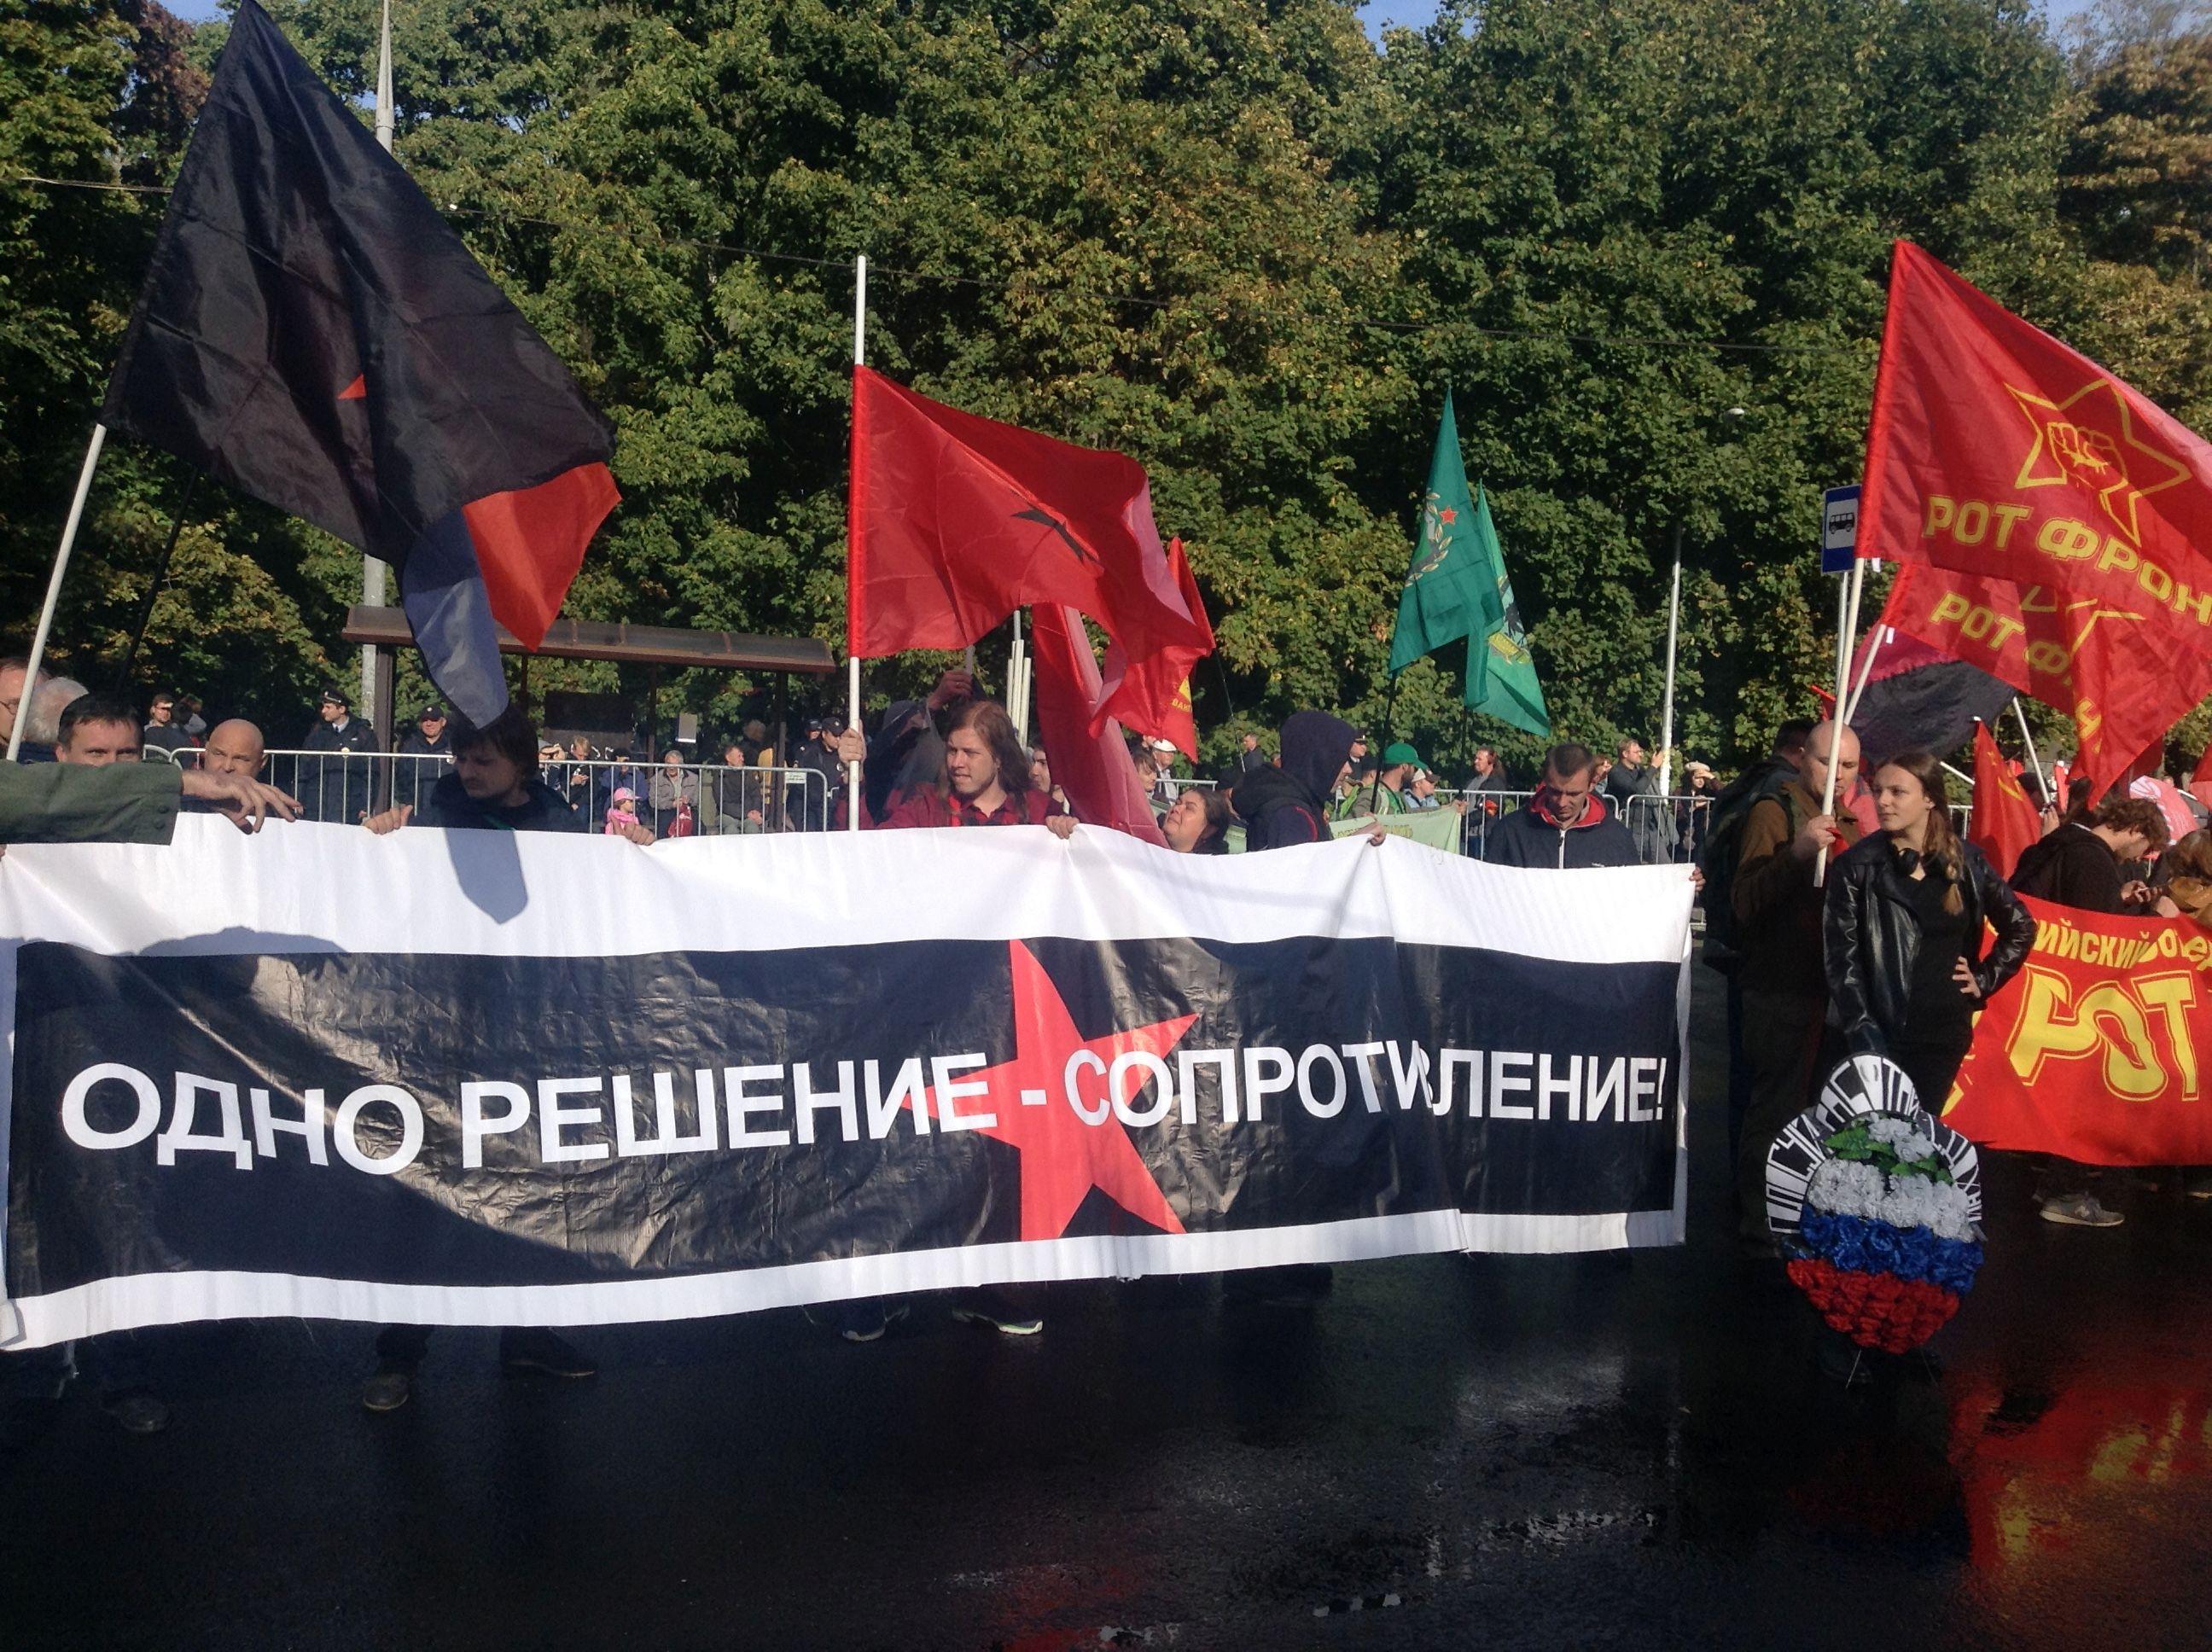 23 سبتمبر في روسيا IMG_7227